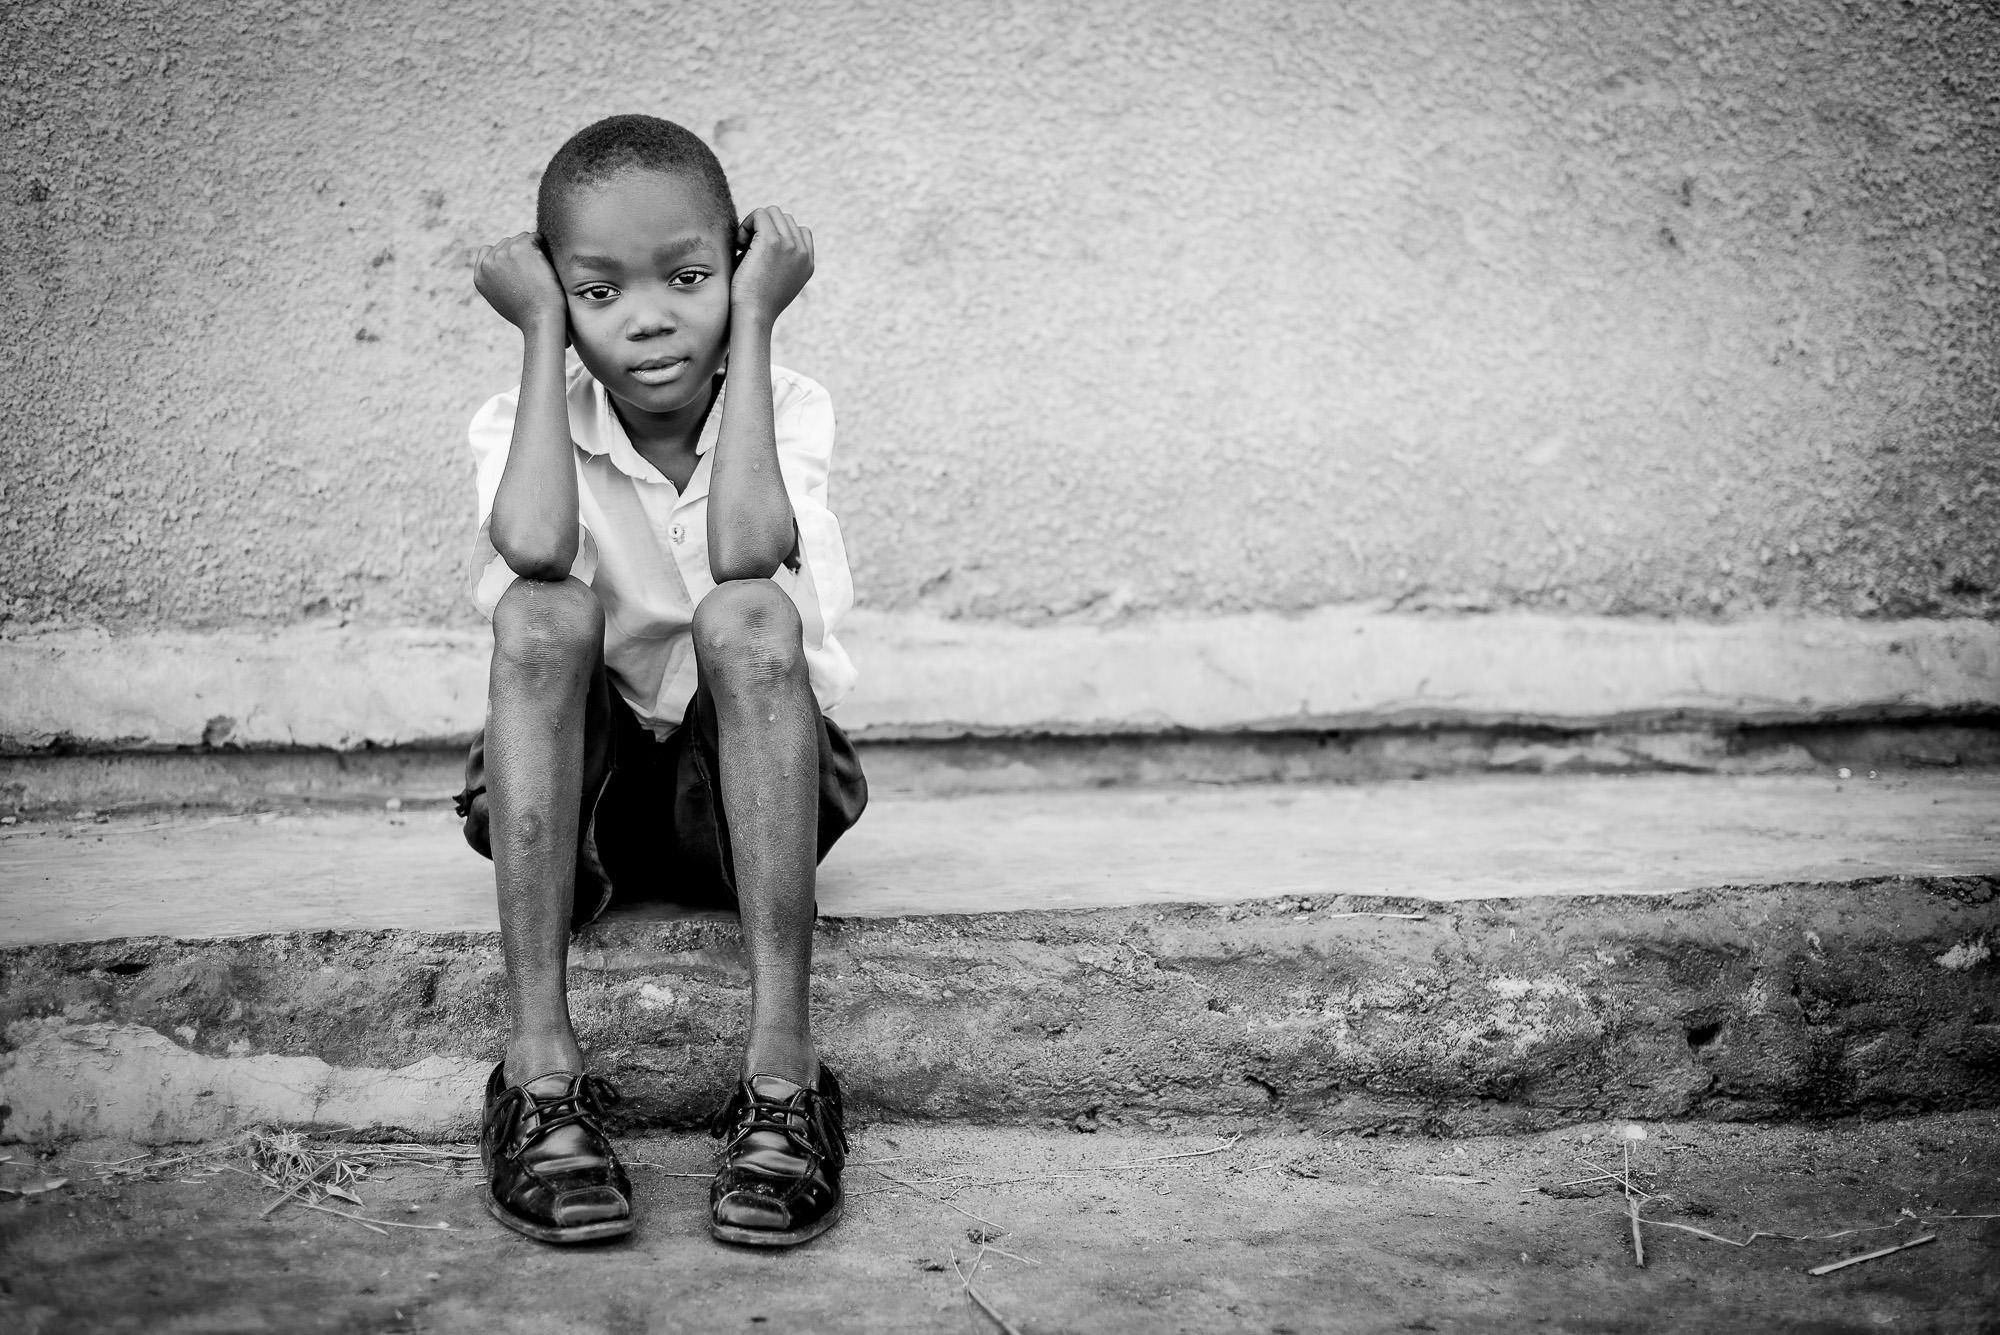 PJJ_Uganda2014_D610_2535-Edit.jpg